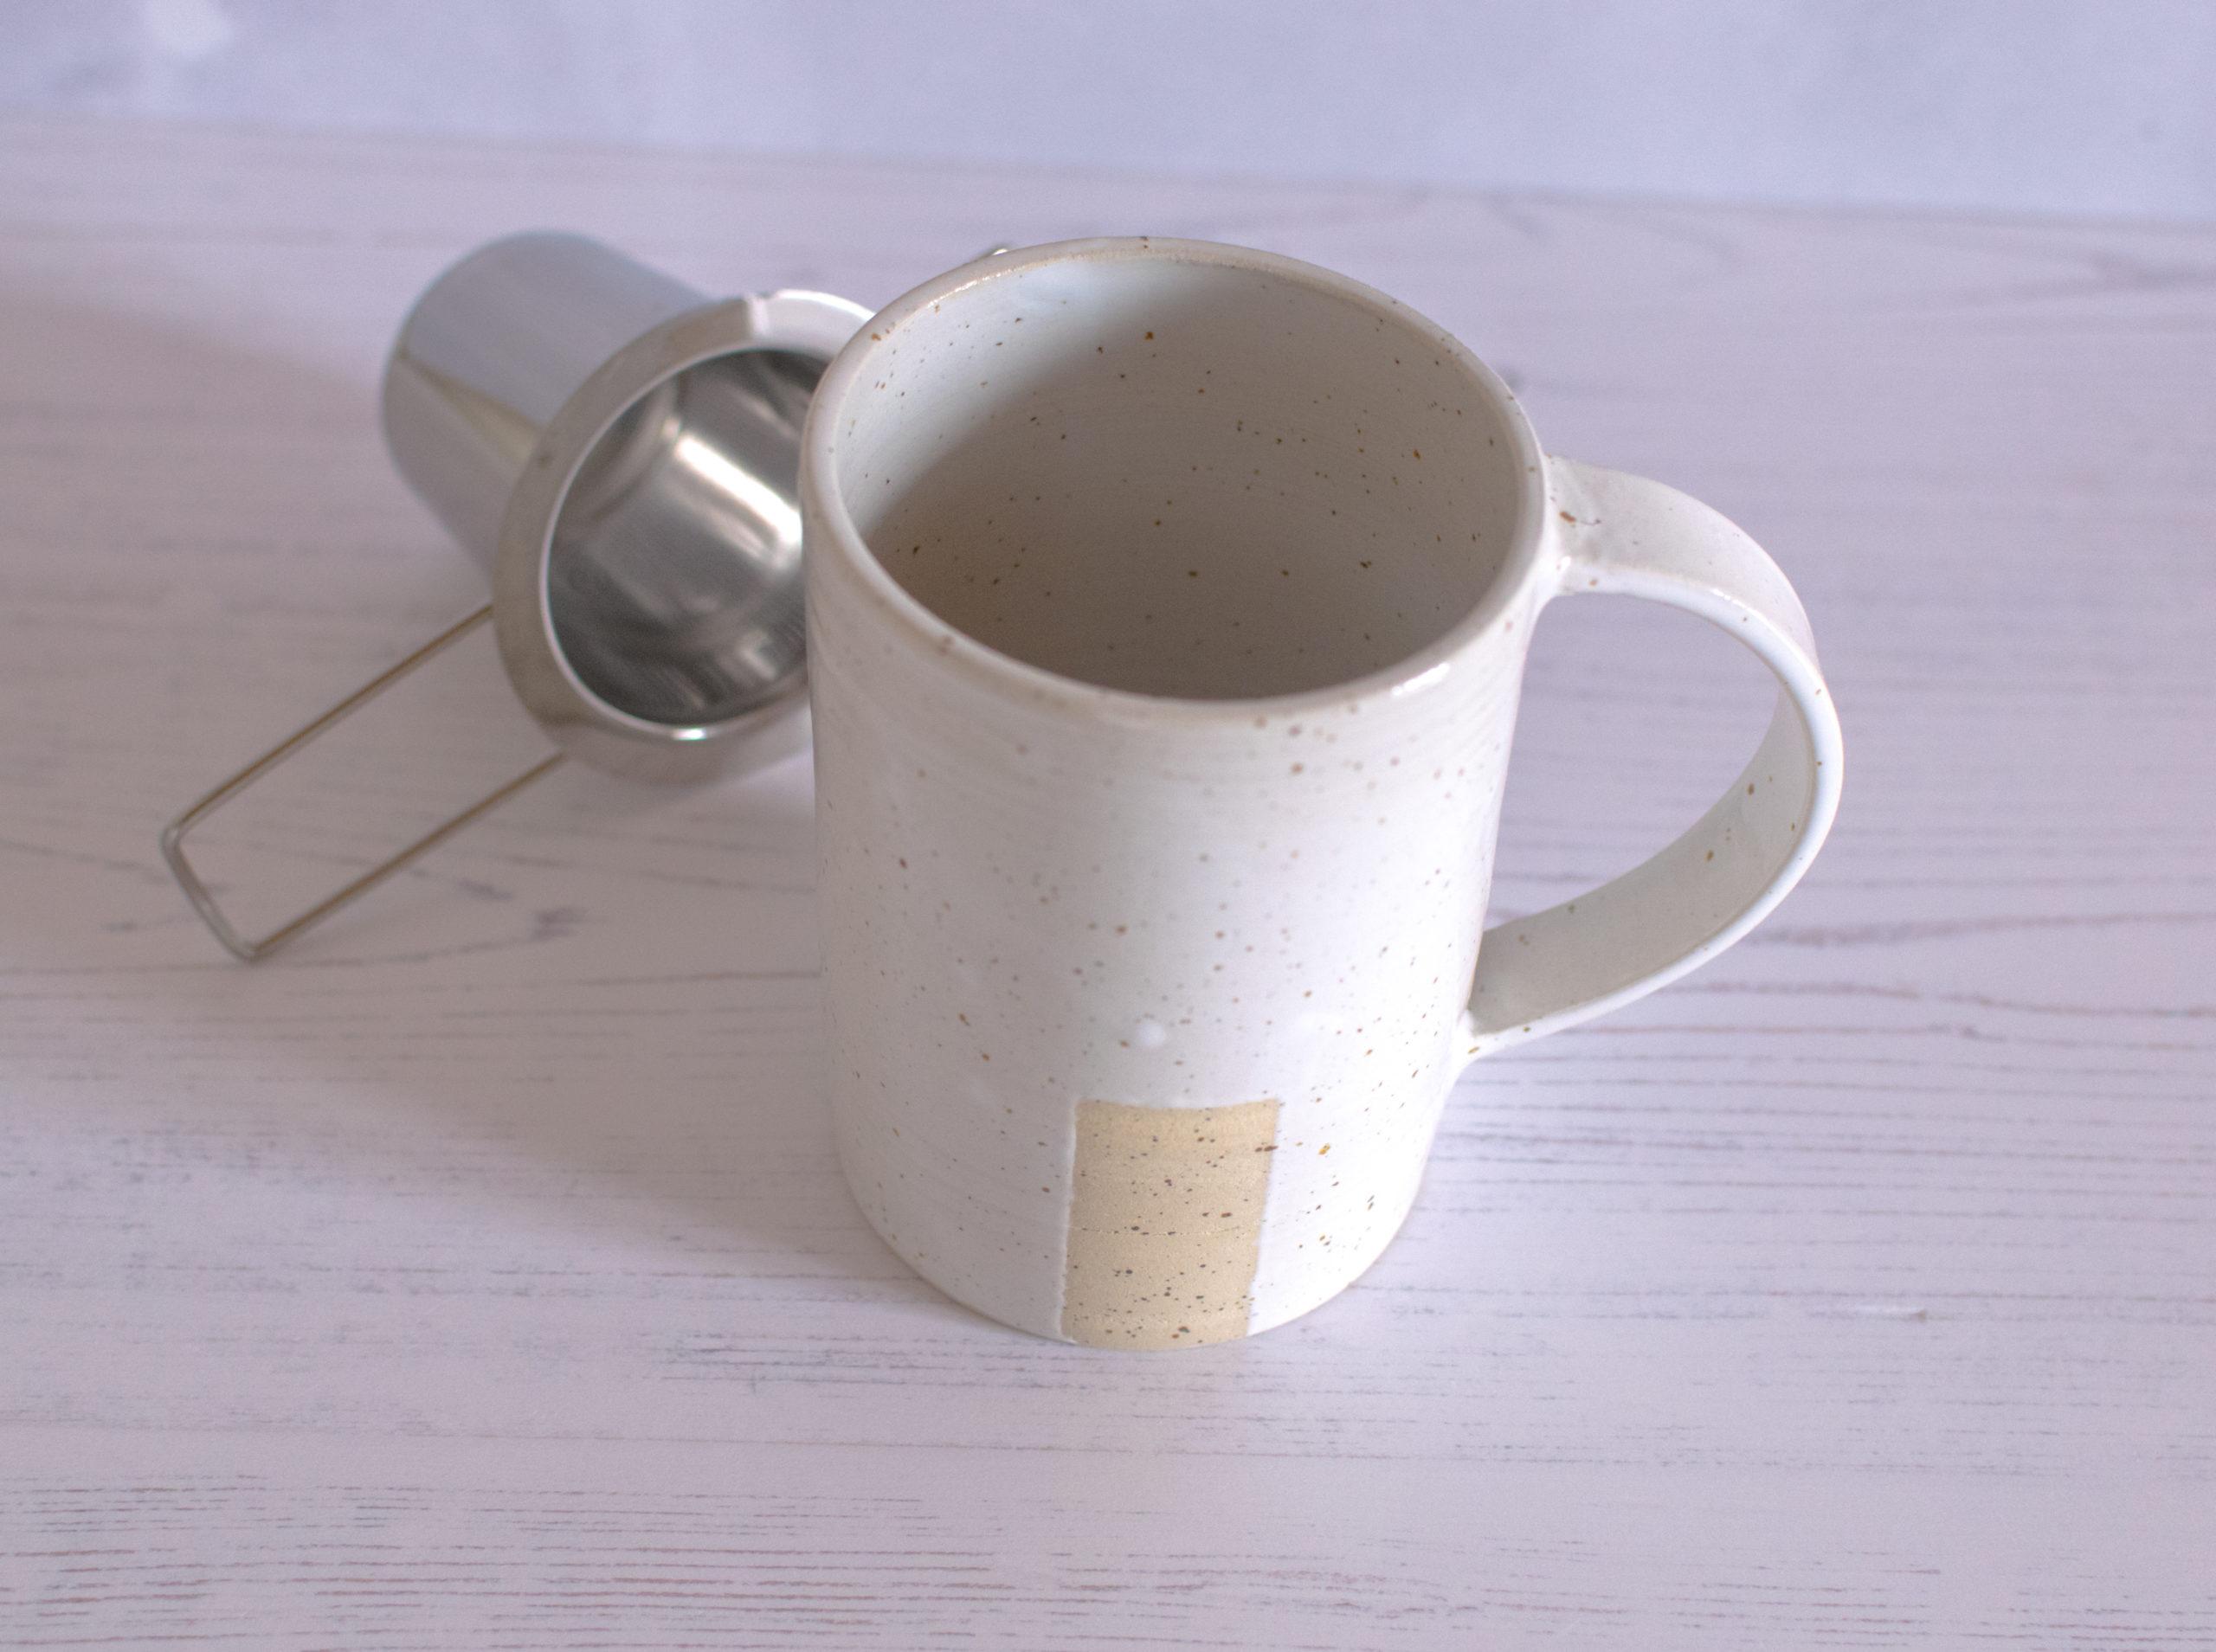 Tazza in ceramica onigiri